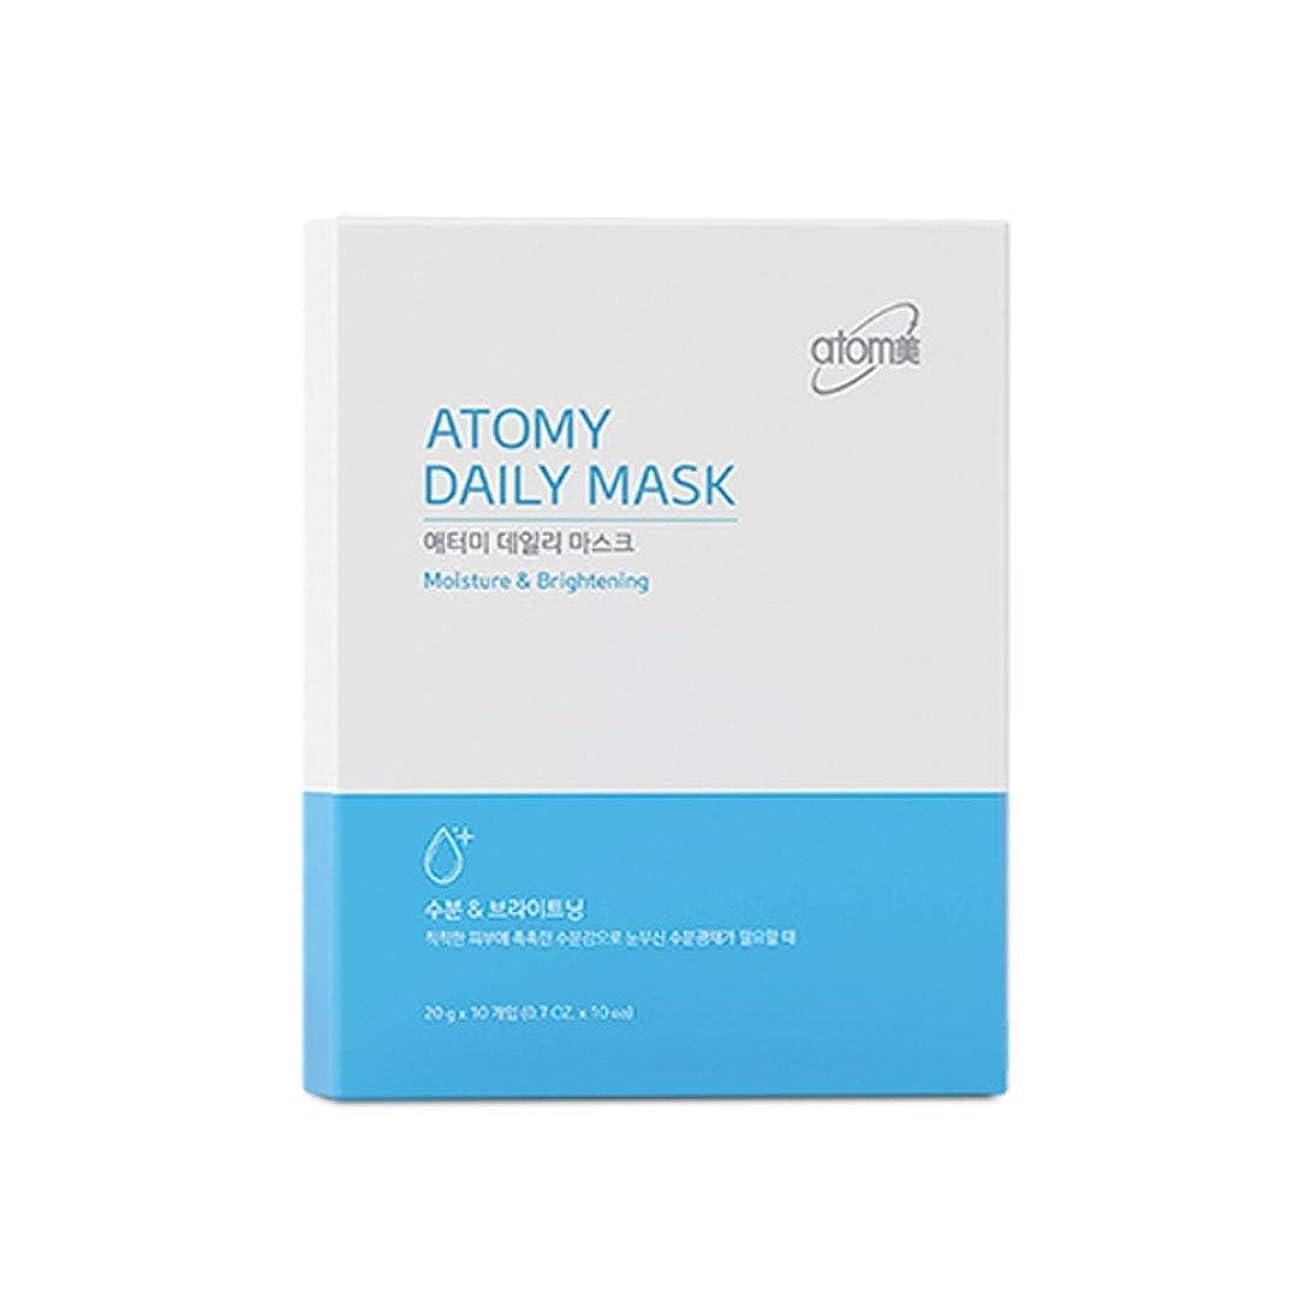 ヒントドレス放つ[NEW] Atomy Daily Mask Sheet 10 Pack- Moisture & Brightening アトミ 自然由来の成分と4つの特許成分マスクパック(並行輸入品)